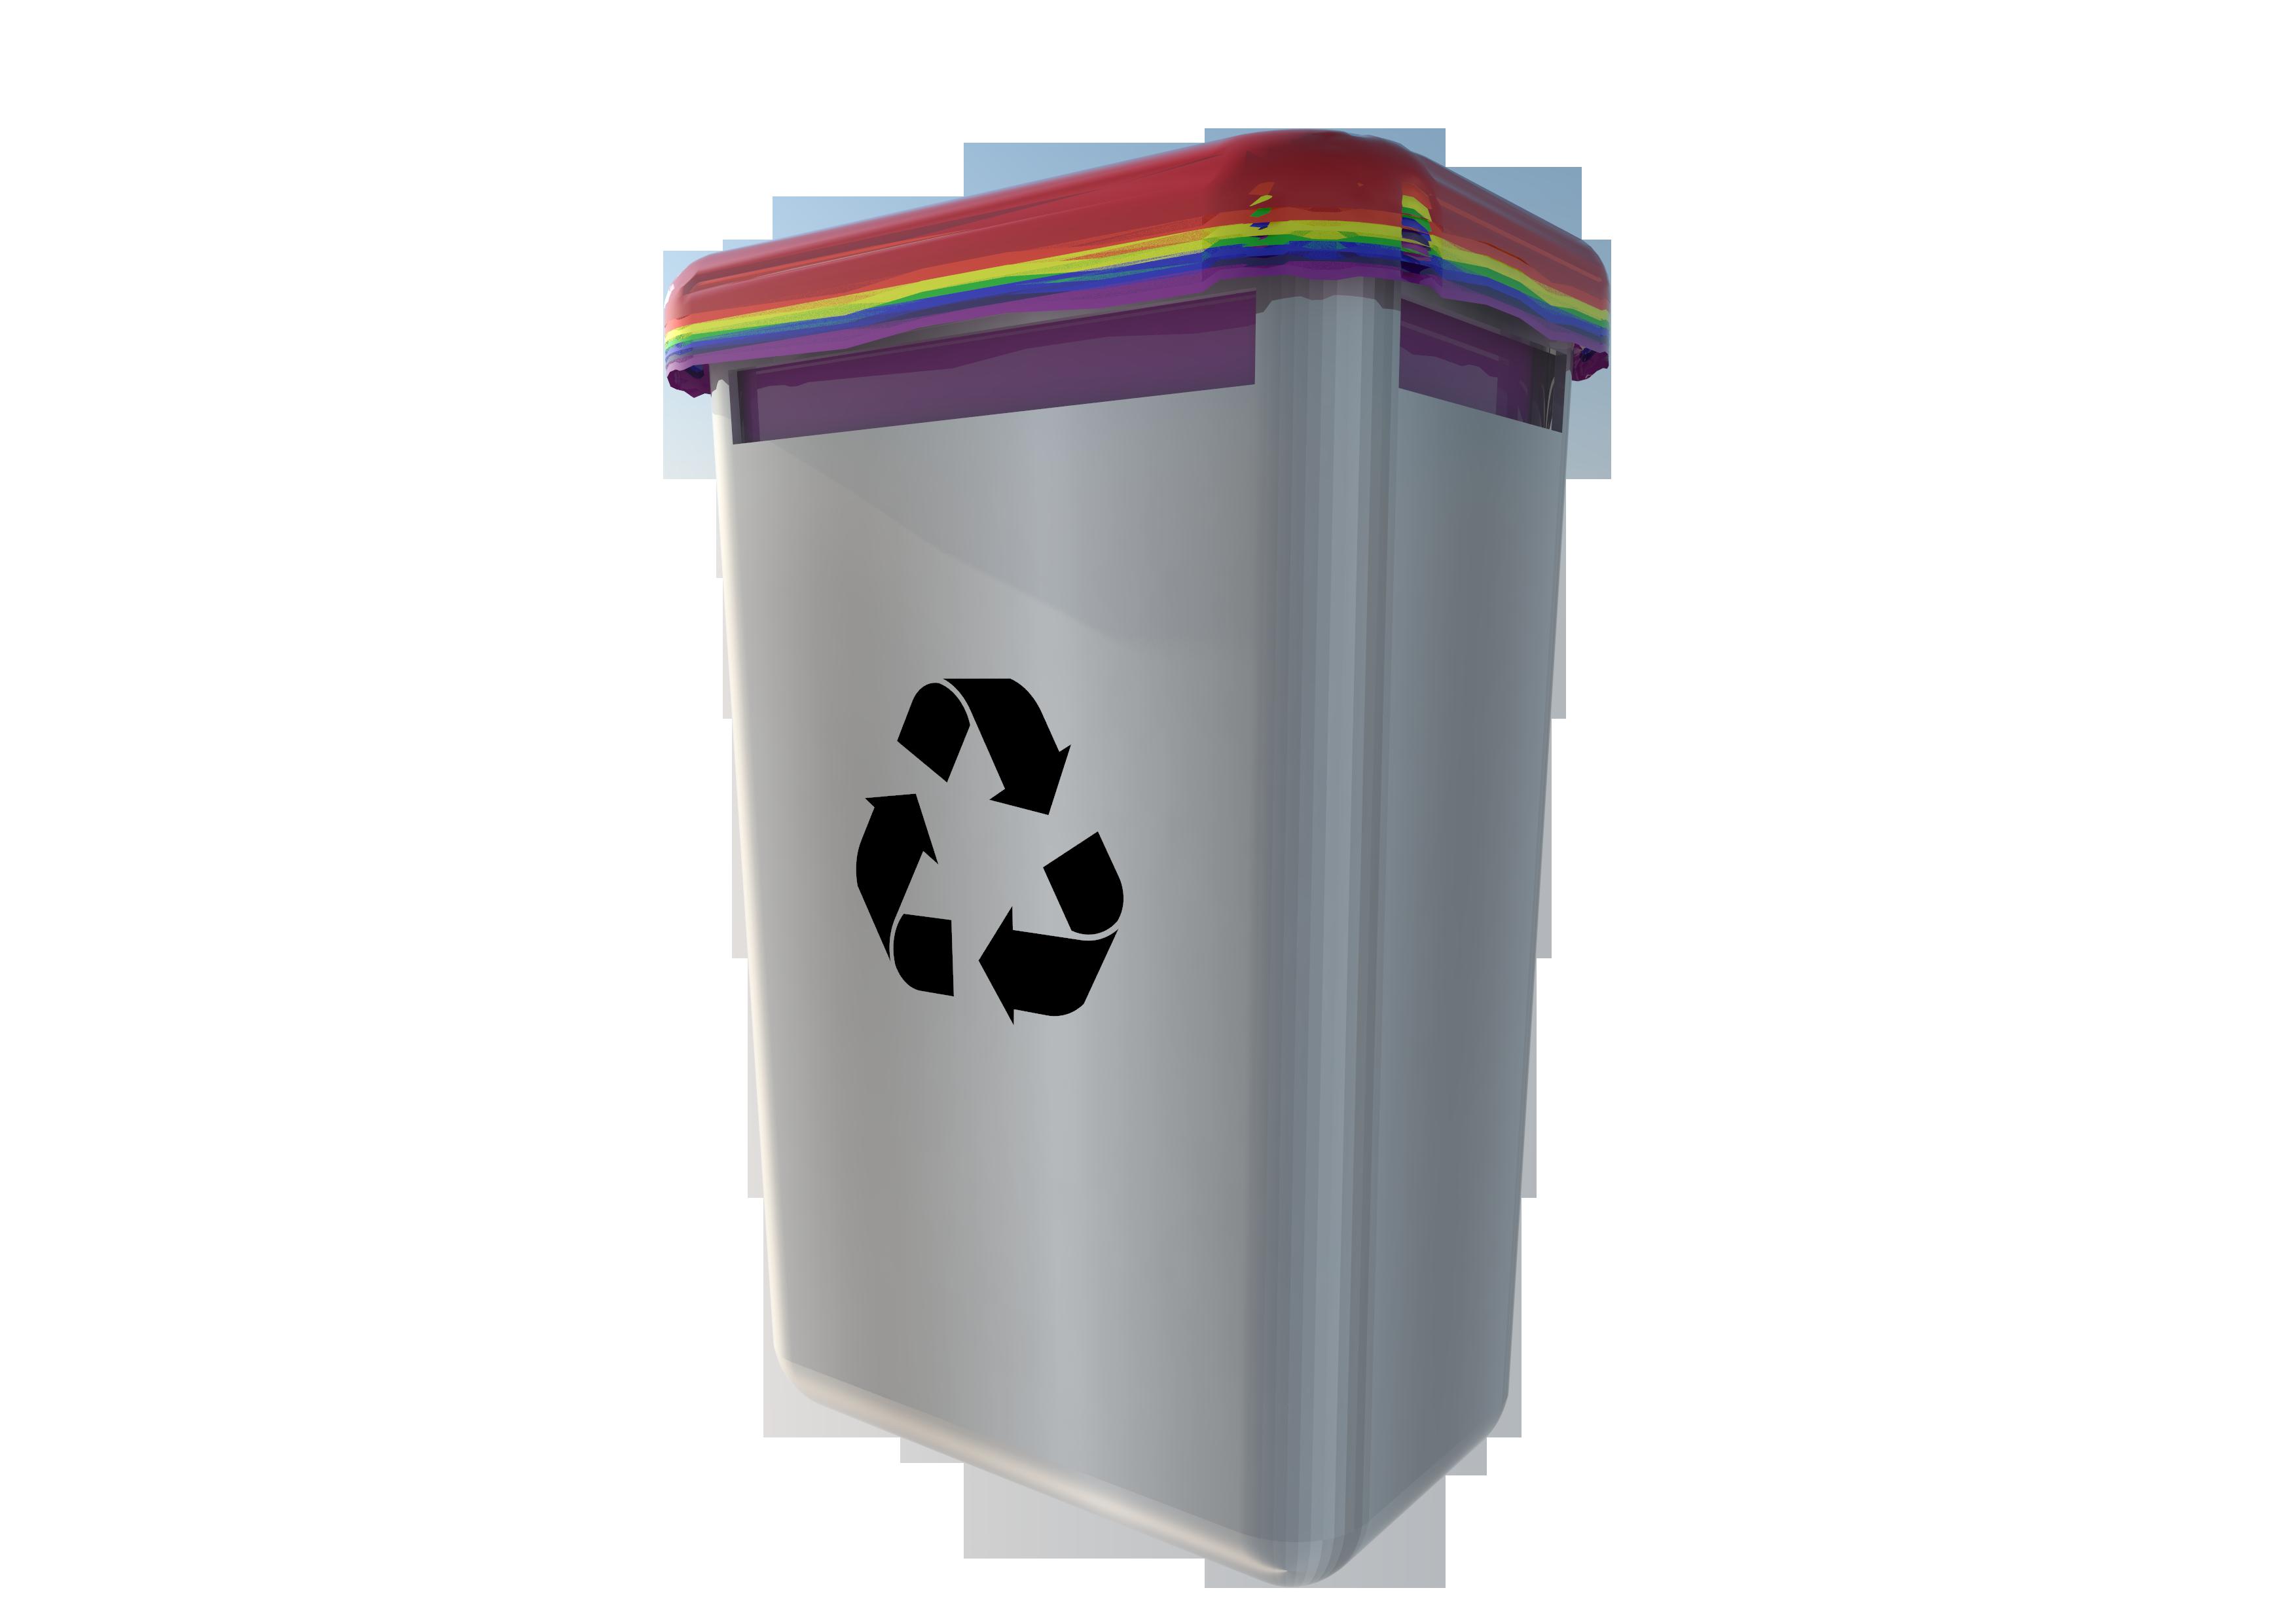 Garbage clipart wastebin. World patent marketing invention